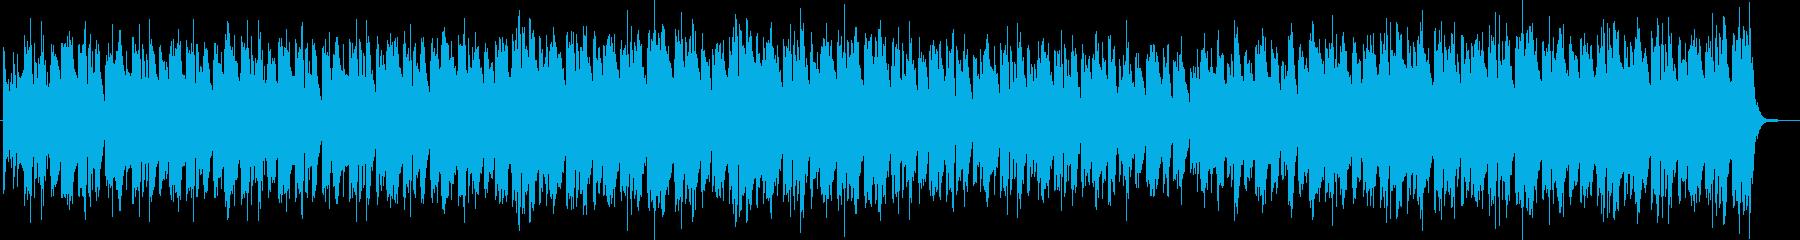 都会的で洒落たジャジーなBGMの再生済みの波形